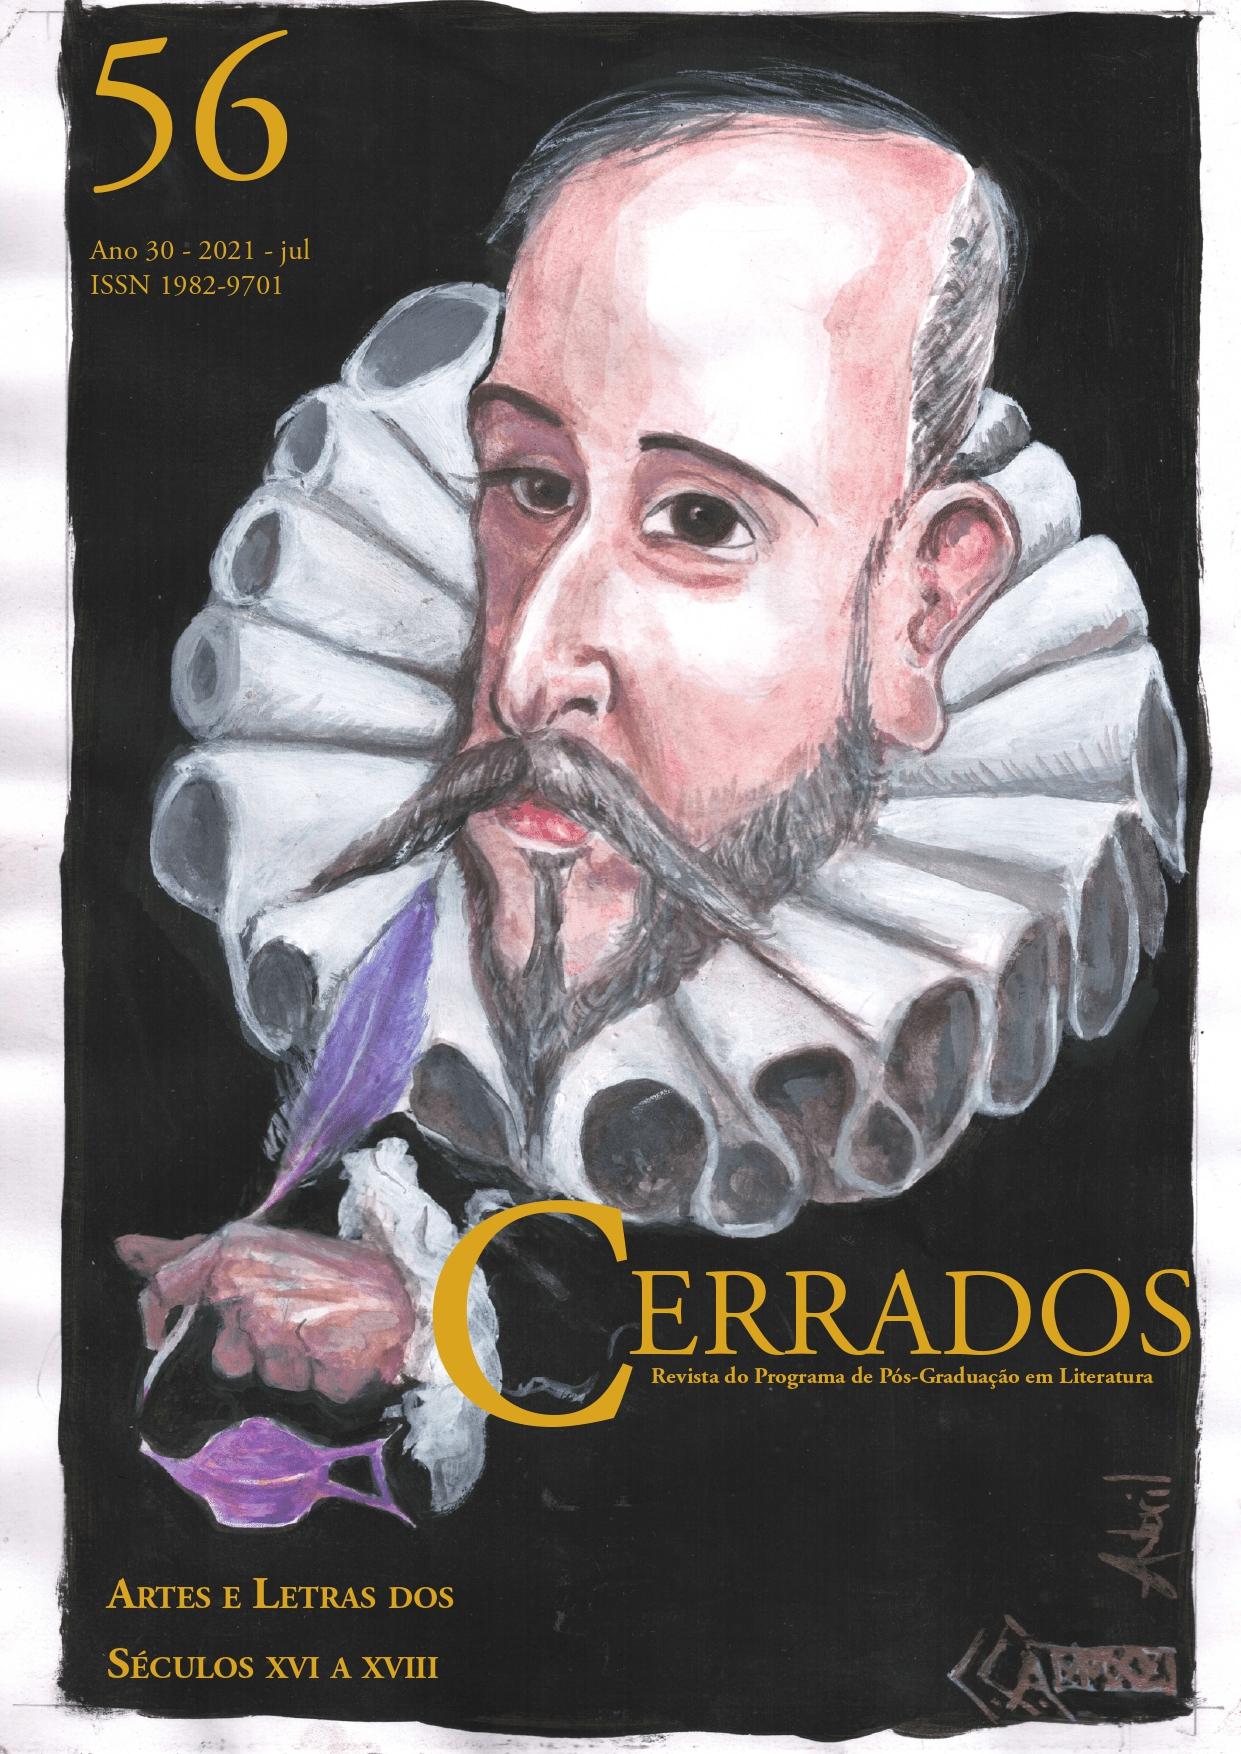 Imagem da capa: Carlos Costa Ávila, Interpretação gráfica de retrato de Góngora I Aquarela e guache, sobre papel, 21cm-29,7cm